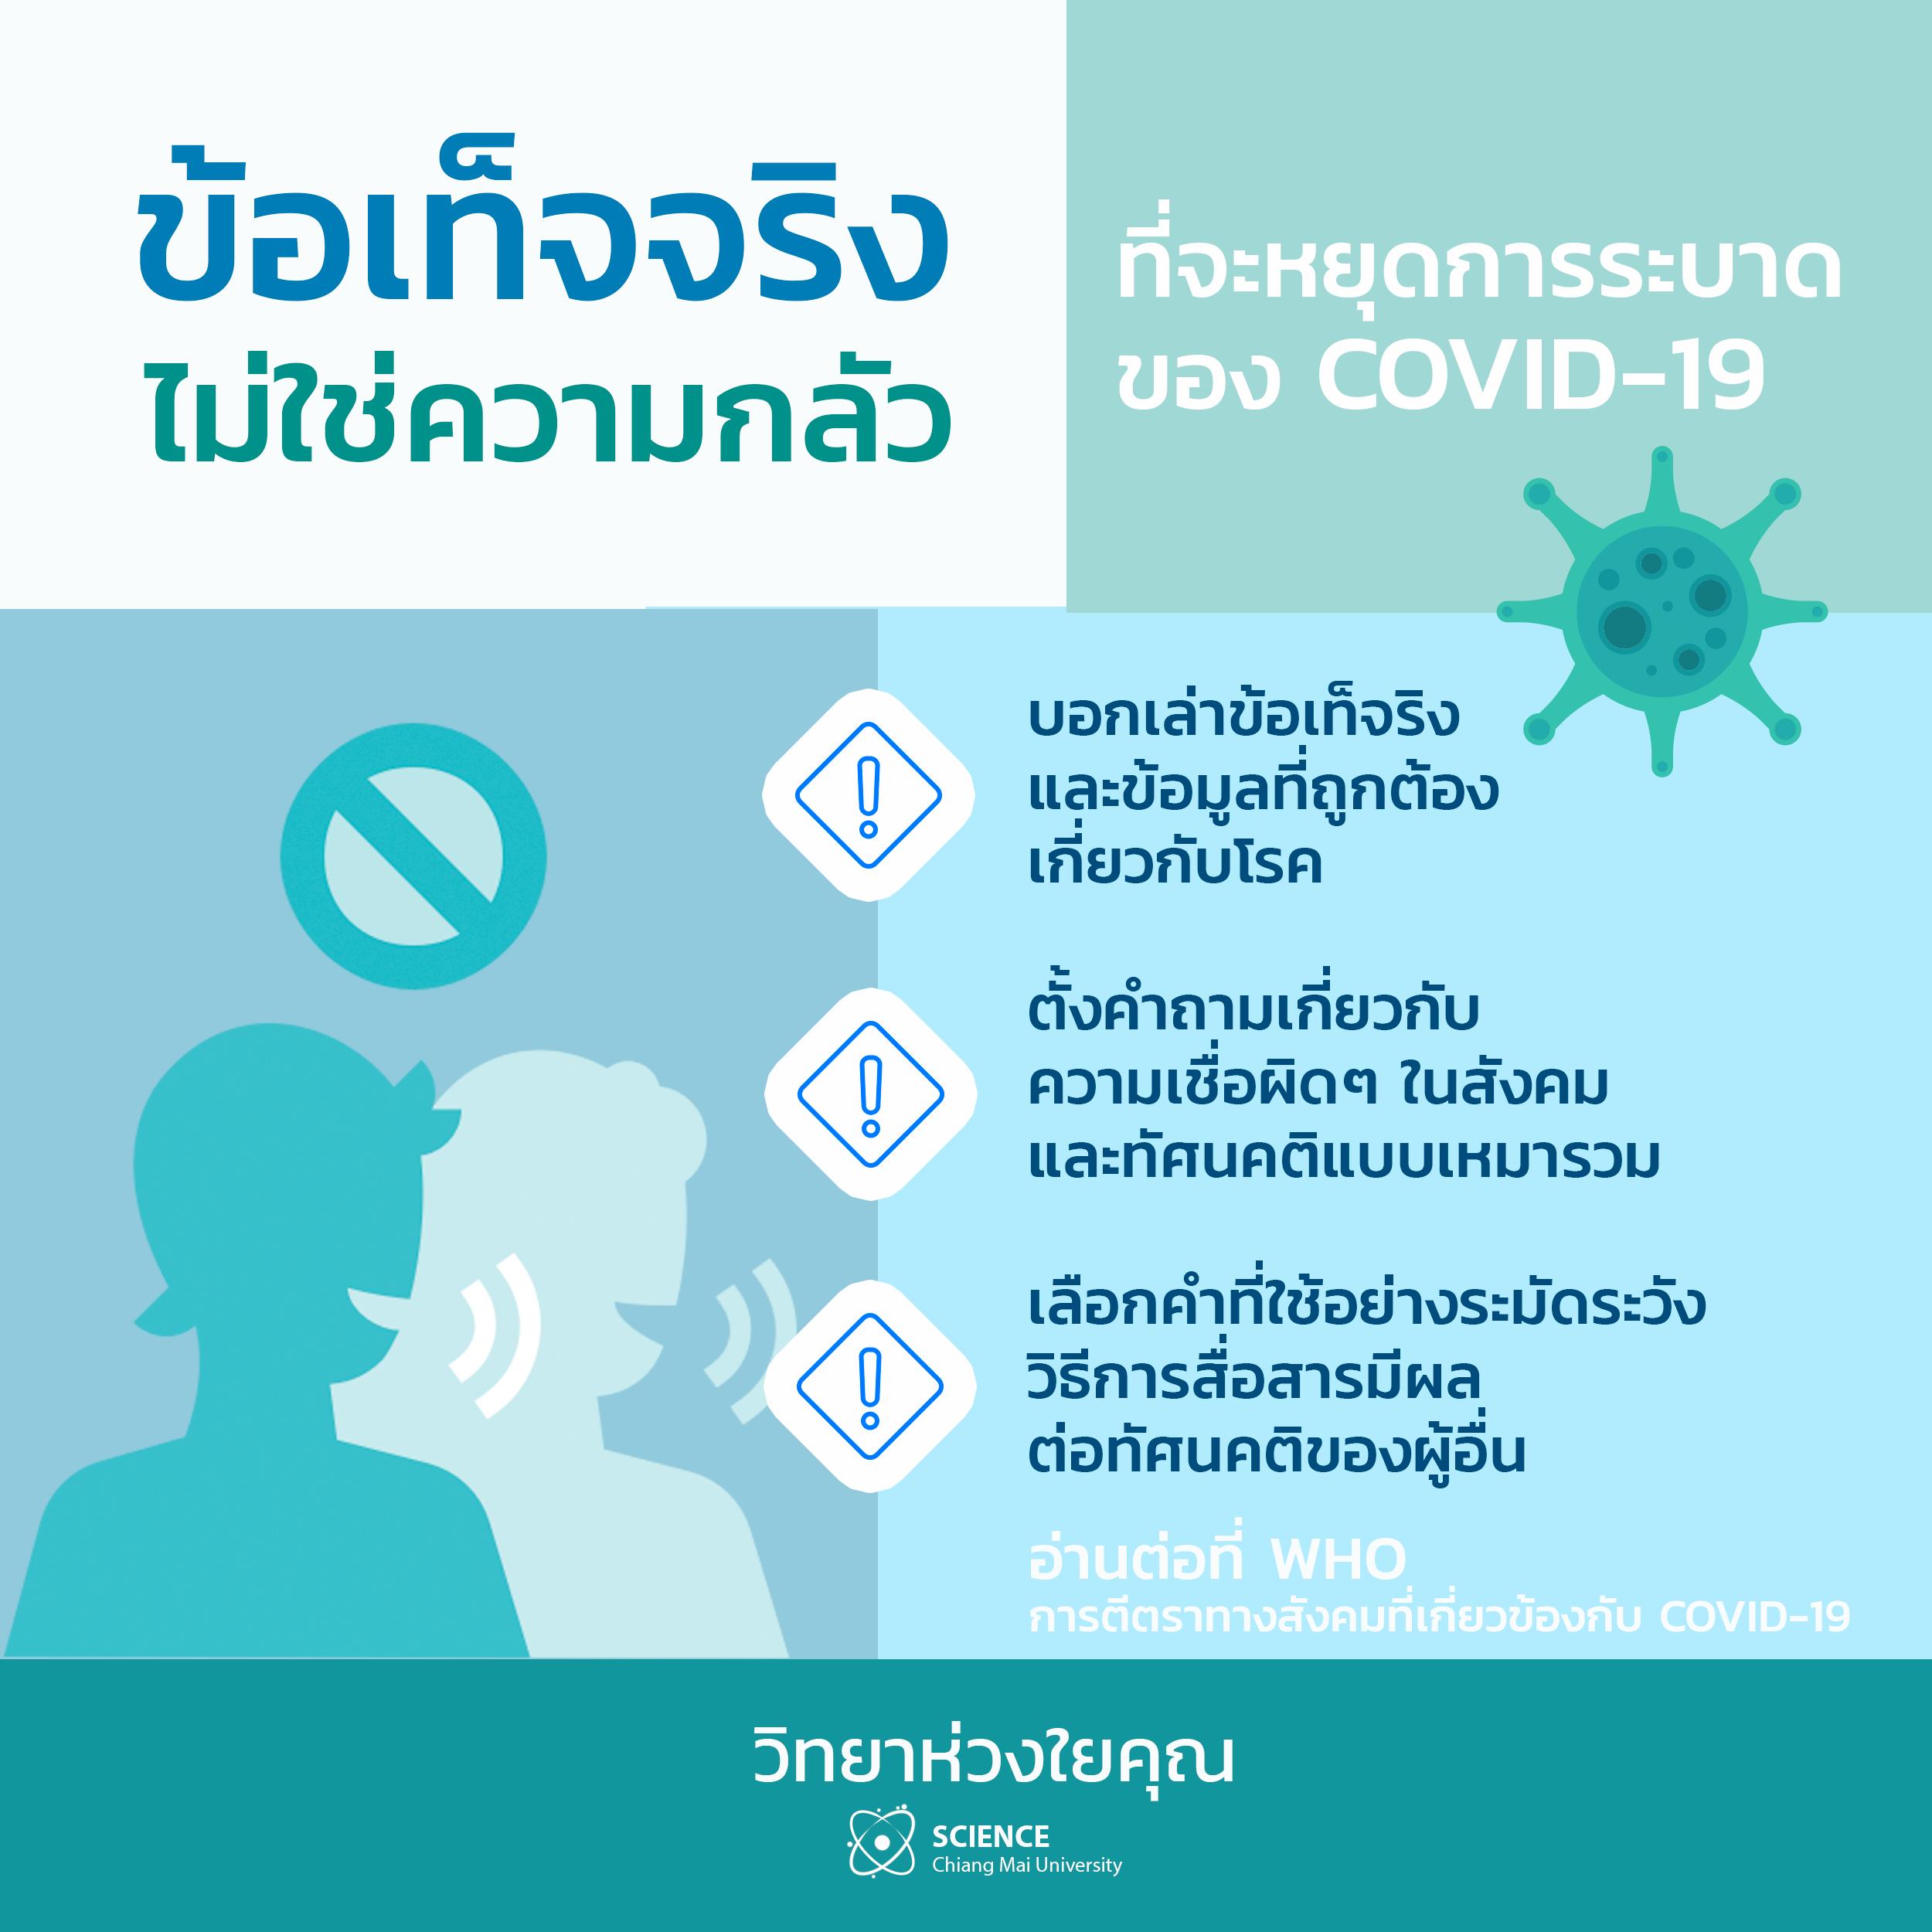 ข้อเท็จจริง ไม่ใช่ความกลัว ที่จะหยุดการระบาดของ COVID-19